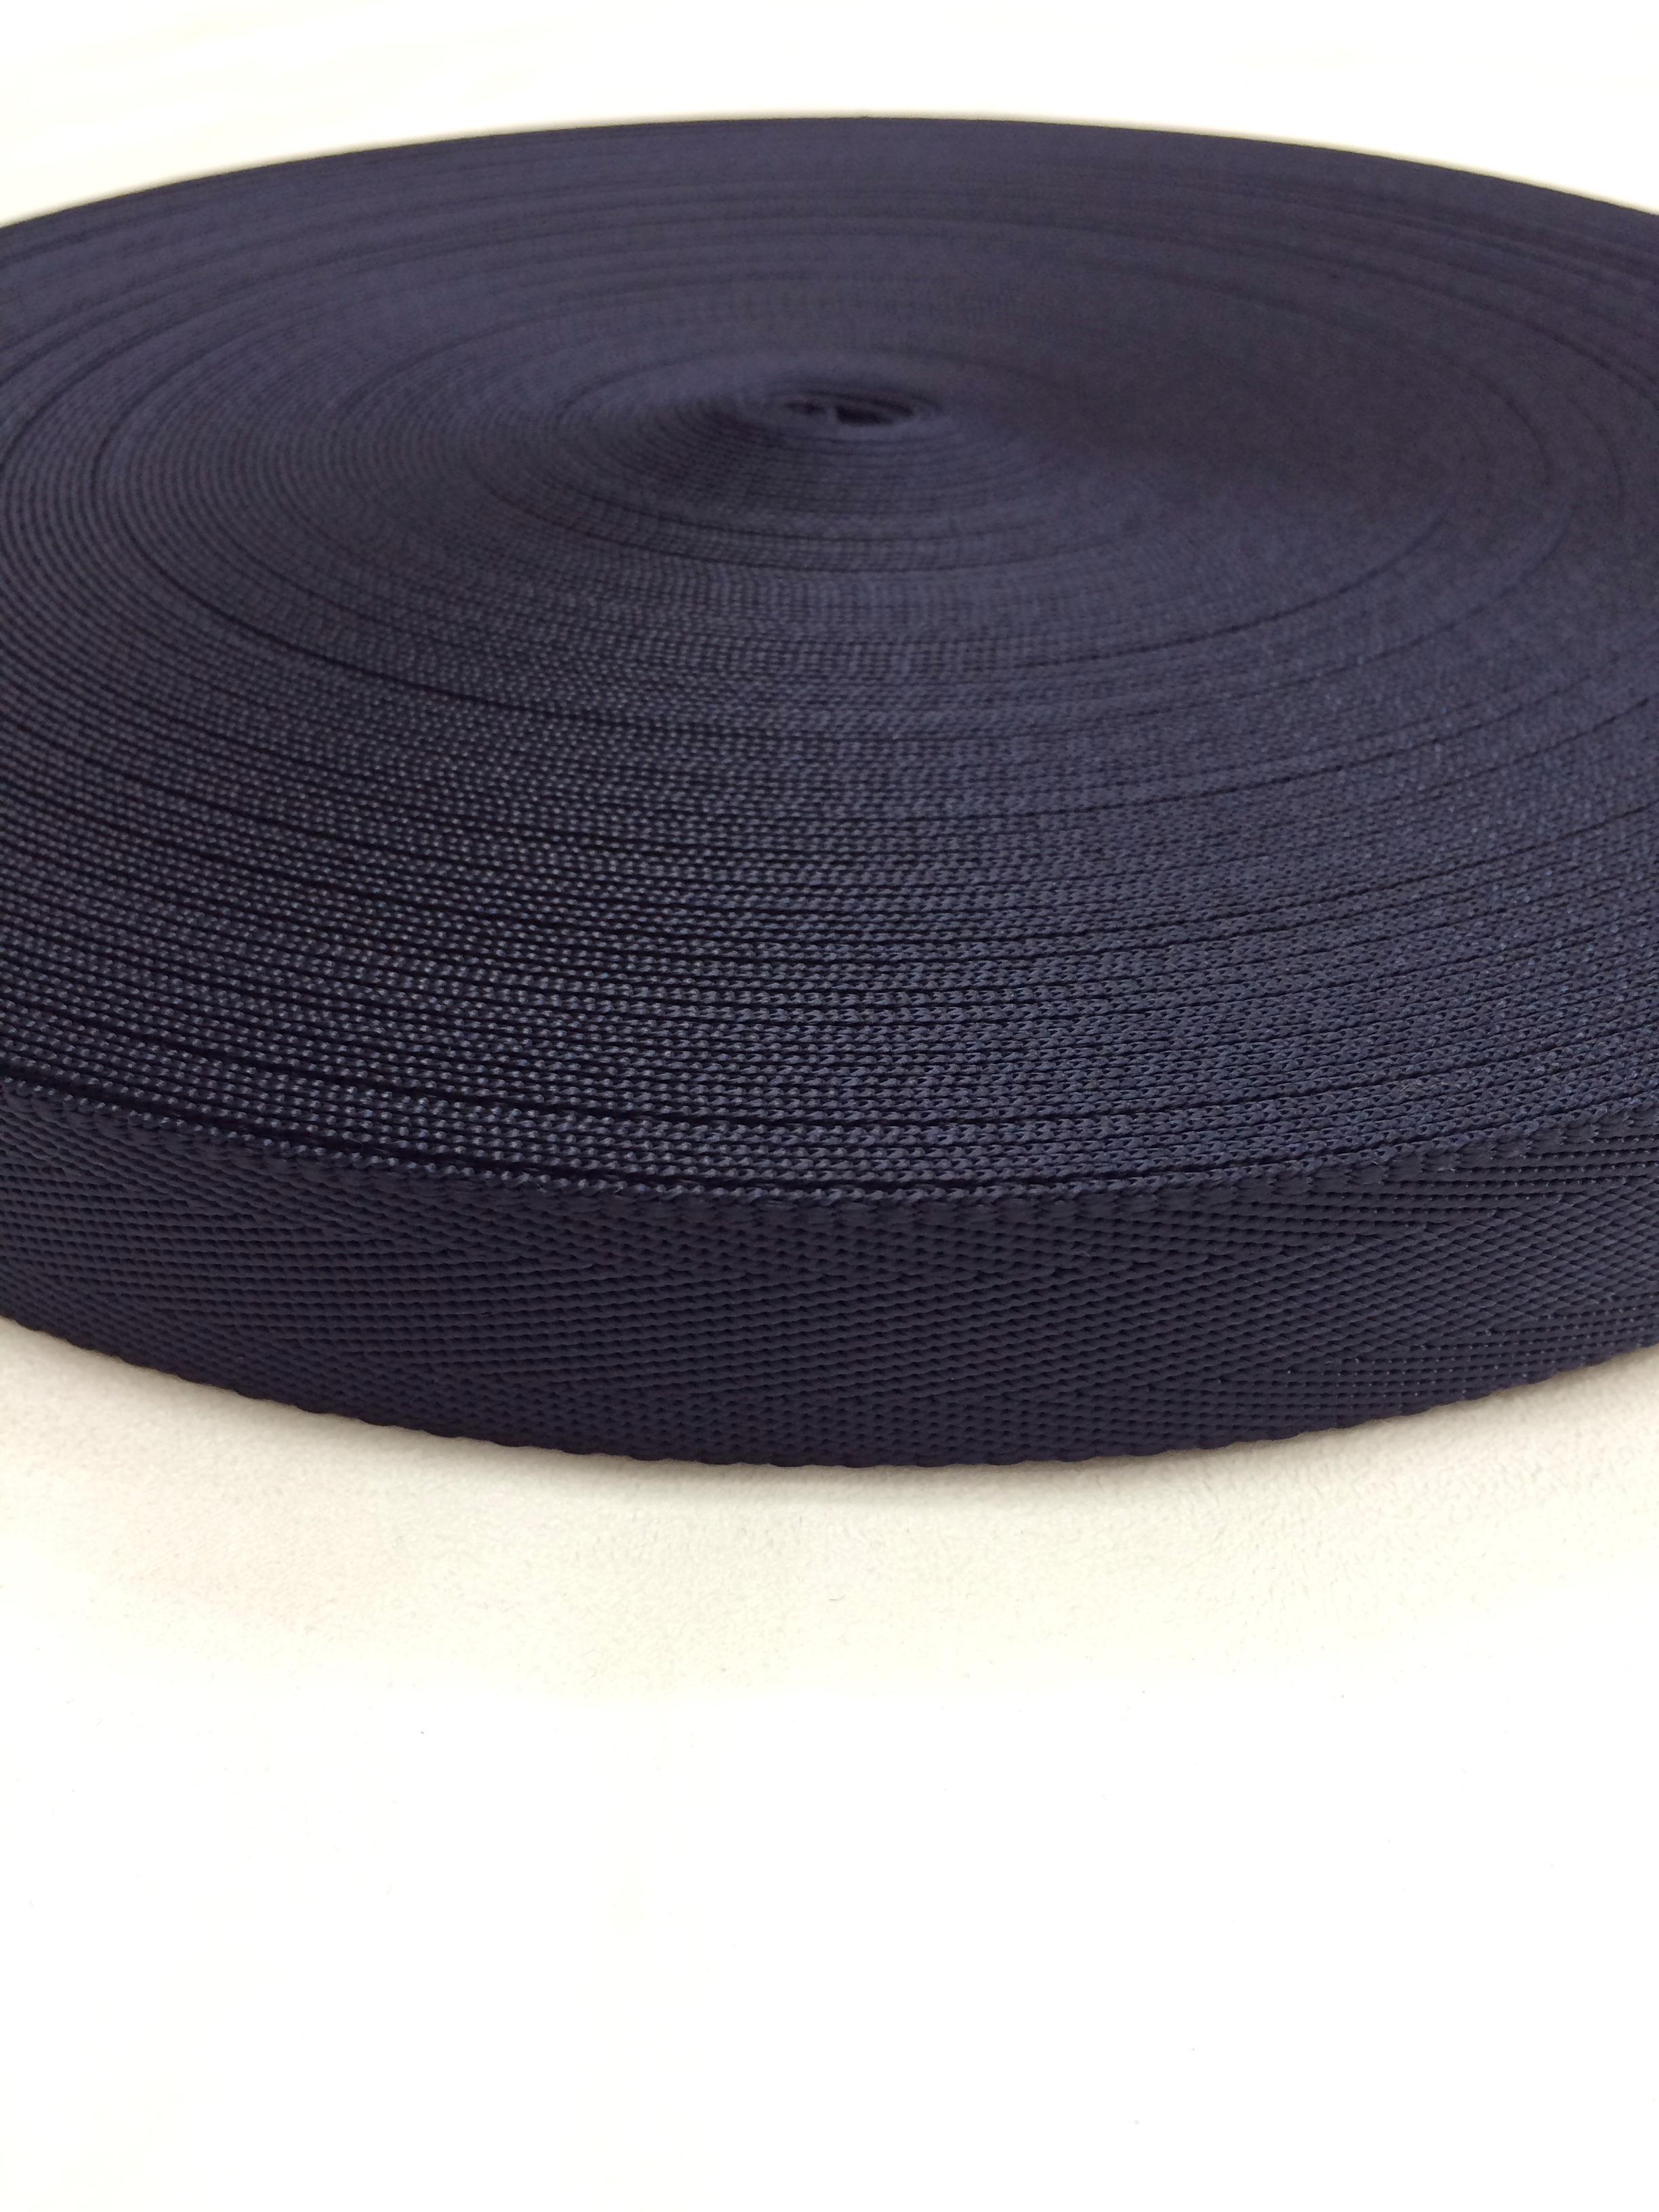 ナイロンシート織 25mm幅 1.3mm厚 カラー(黒以外) 1m